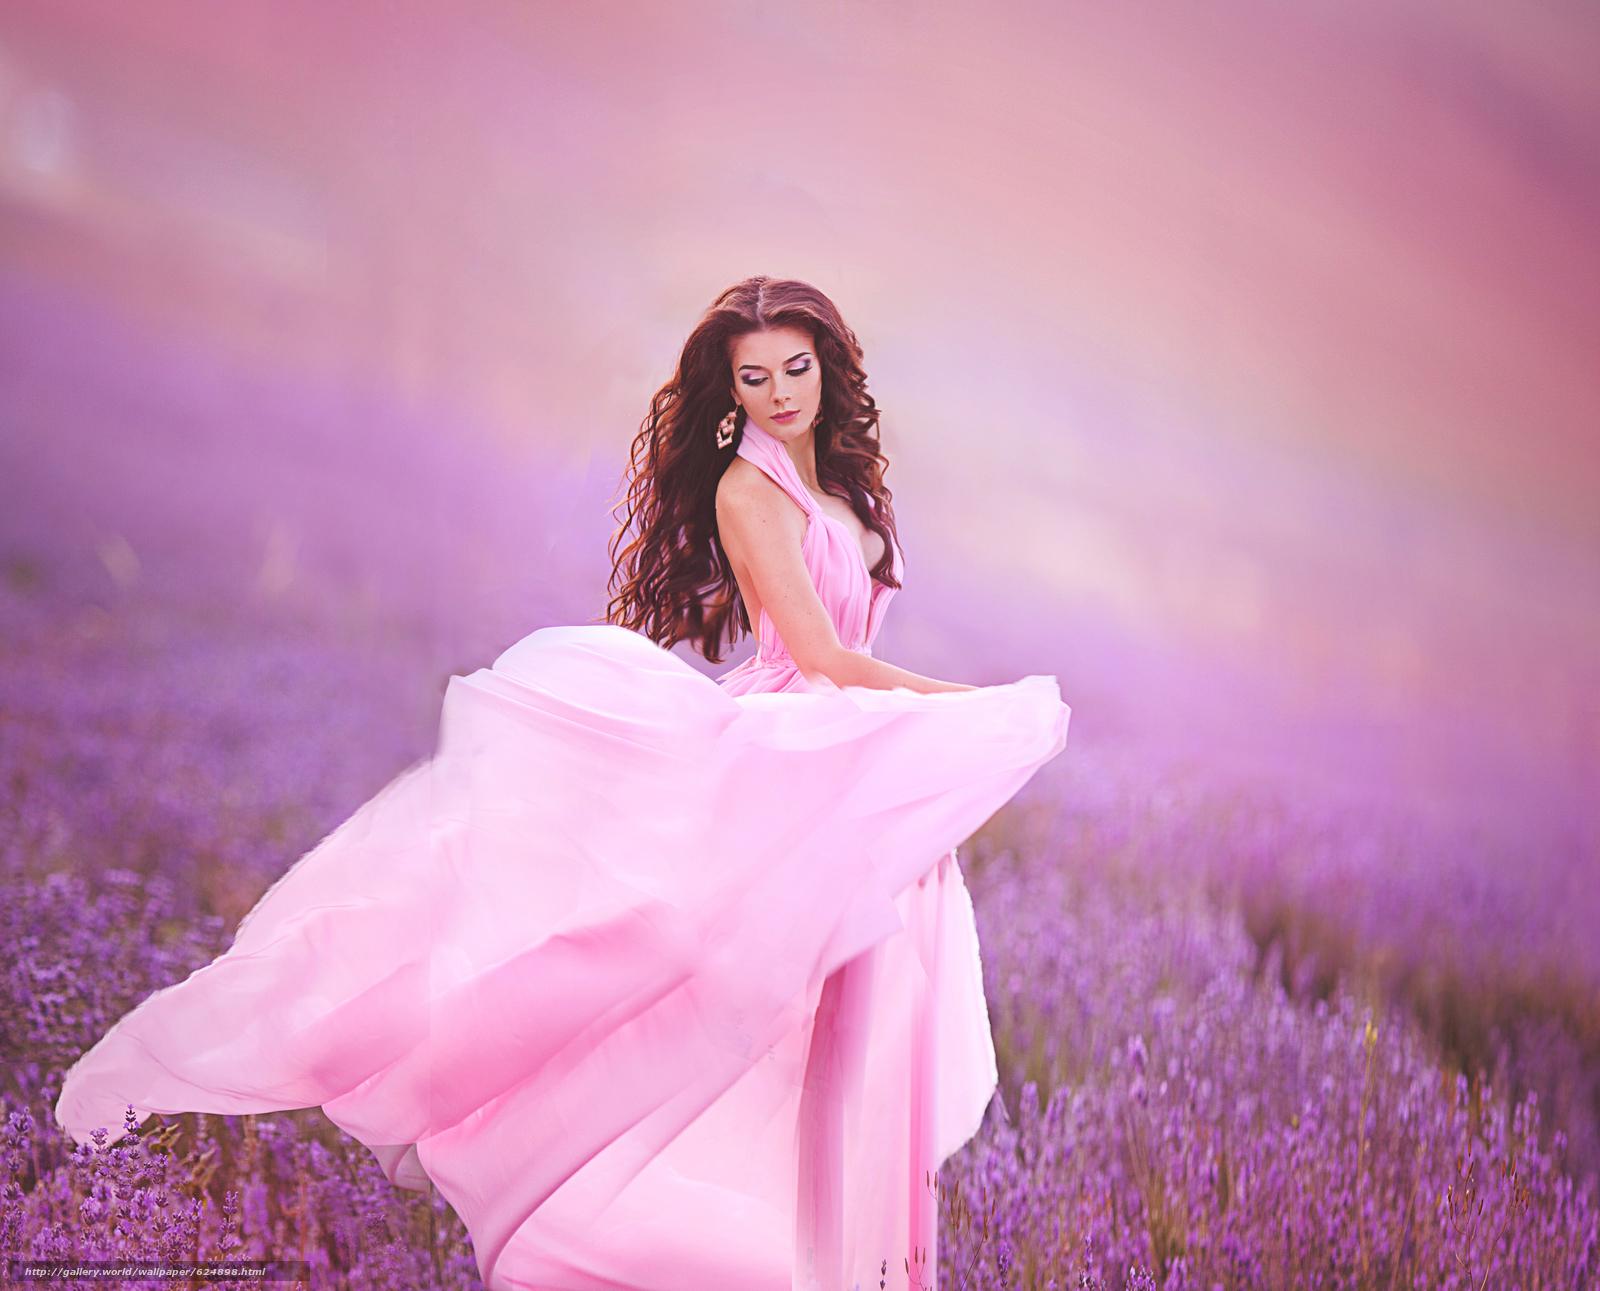 модель, макияж, платье, луг, лаванда